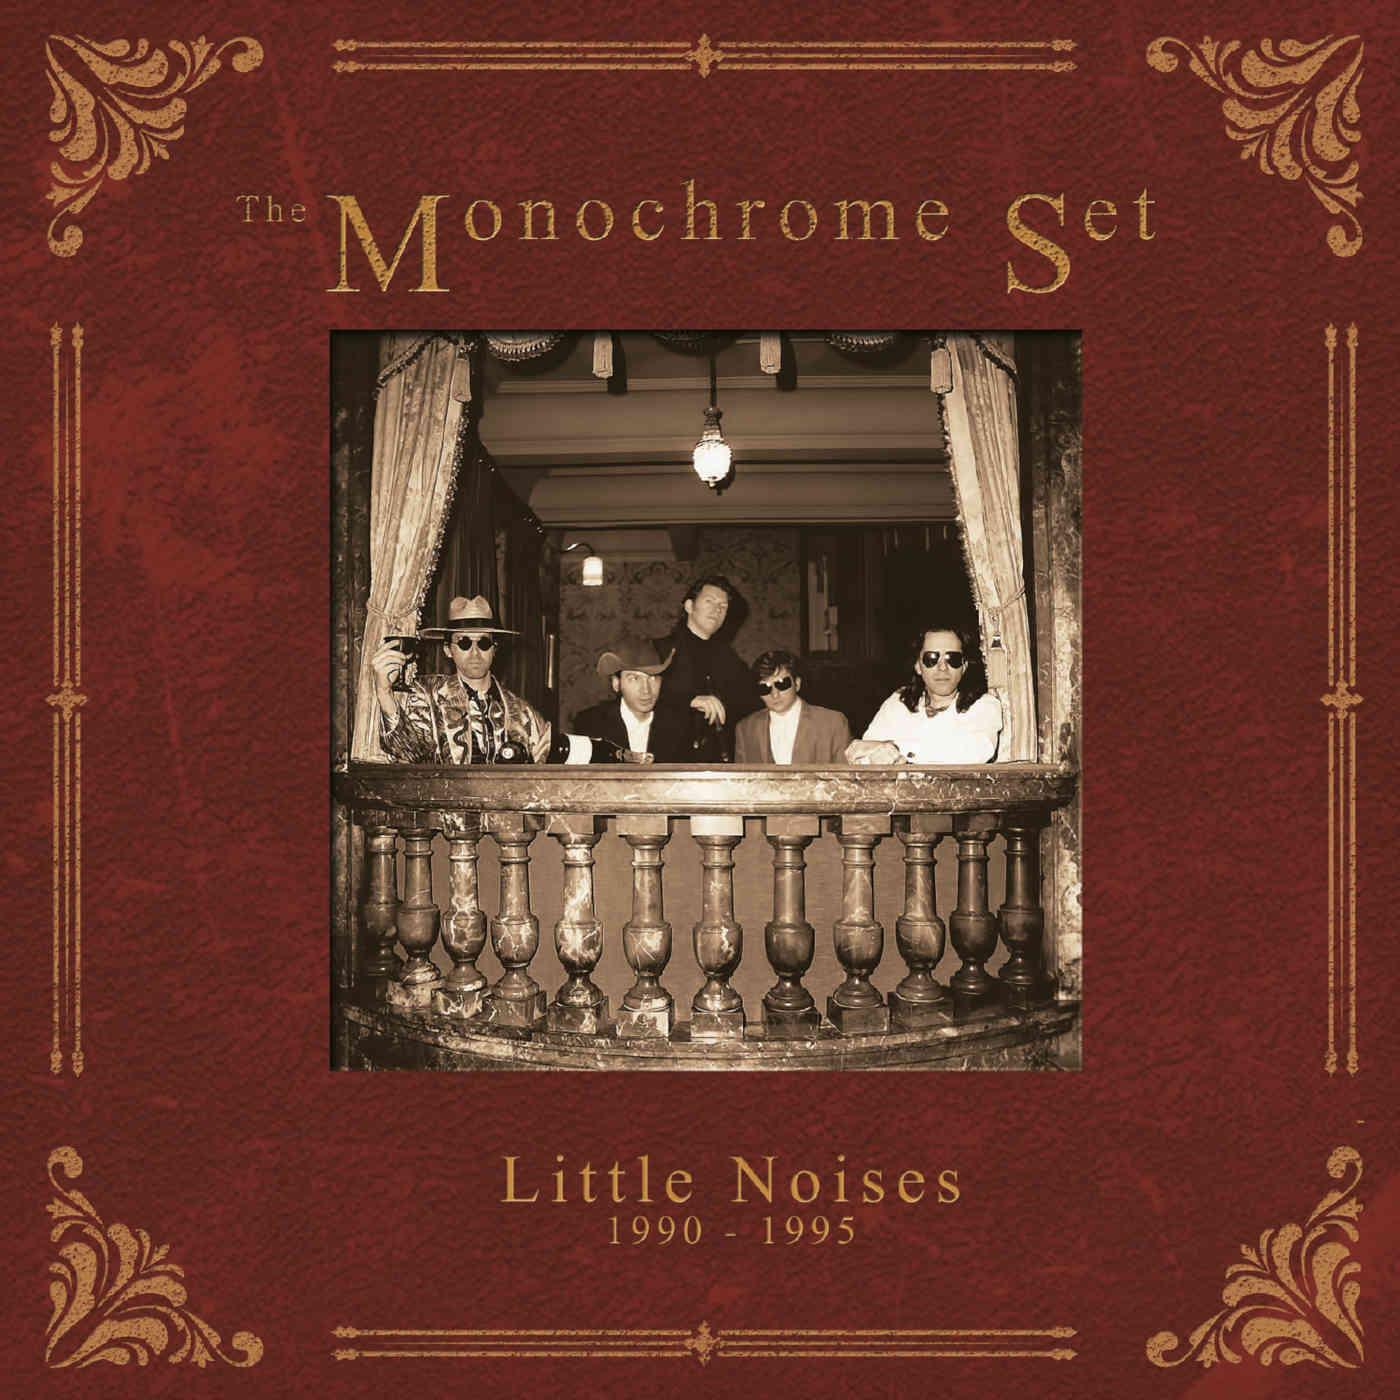 News – The Monochrome Set – Little Noises 1990 – 1995